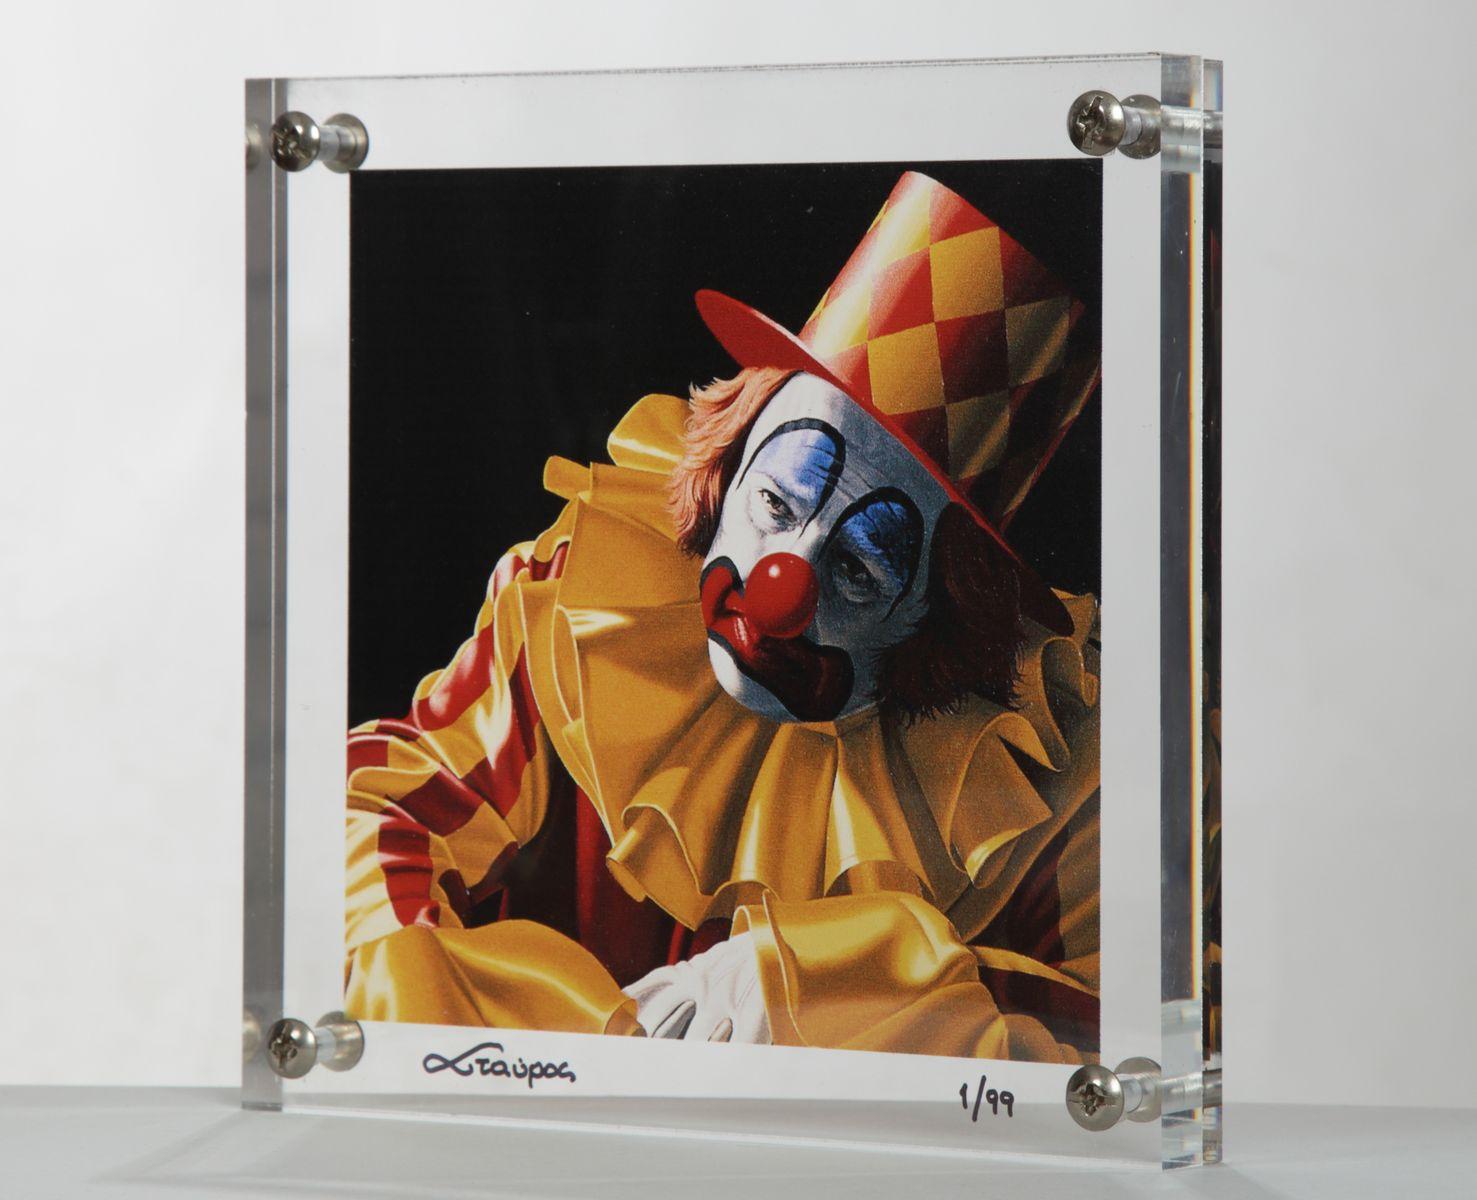 20200824 Σταύρος Δουζίνας, 24×24 εκ., Μεταξοτυπία σε plexi-glass, – Stavros Douzinas, 24×24 cm Silkscreen in plexi-glass